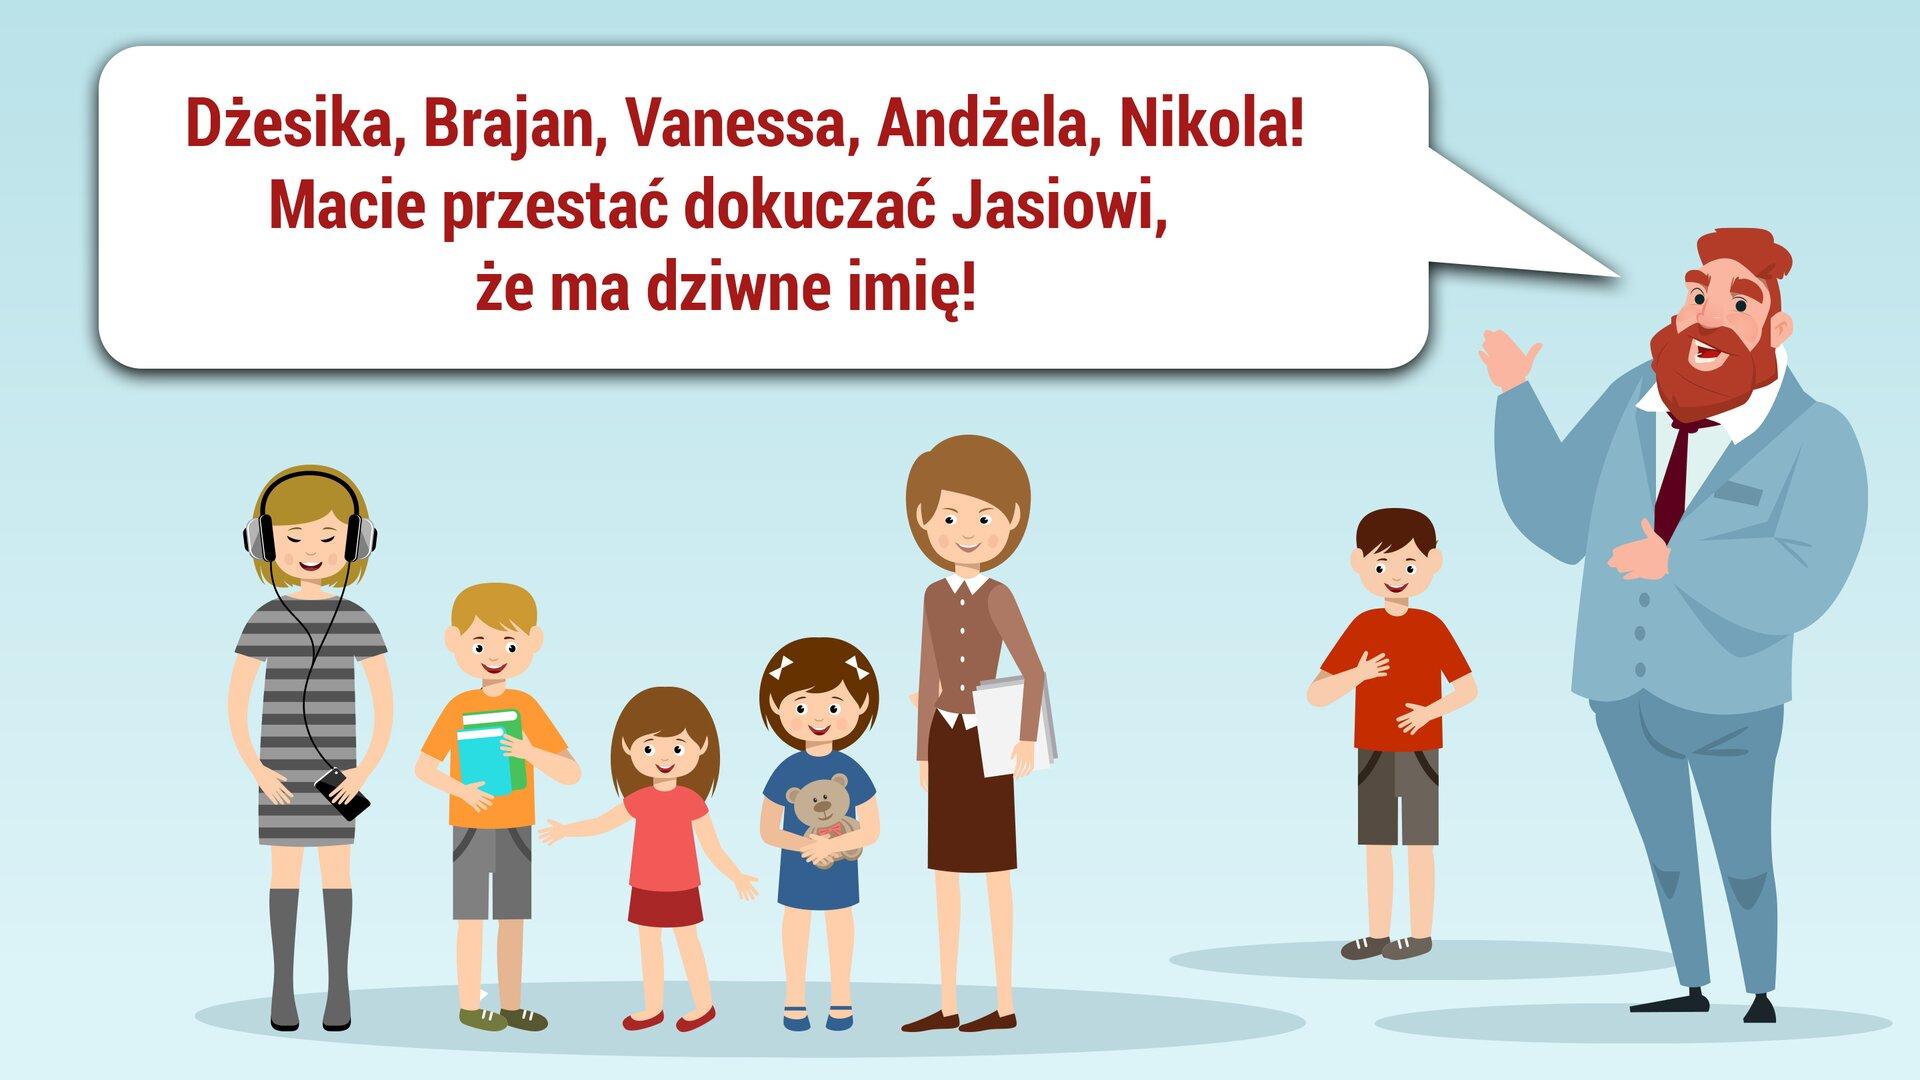 """Ilustracja przedstawia kilka postaci na niebieskim tle. Po lewej stronie stoi pięcioro dzieci. Są wróżnym wieku. Po prawej stronie stoi chłopiec, akoło niego mężczyzna. Ma otwarte usta. Obok niego jest dymek, awnim tekst: """"Dżesika, Brajan Vanessa, Andżela, Nikola! Macie przestać dokuczać Jasiowi, że ma dziwne imię!"""""""